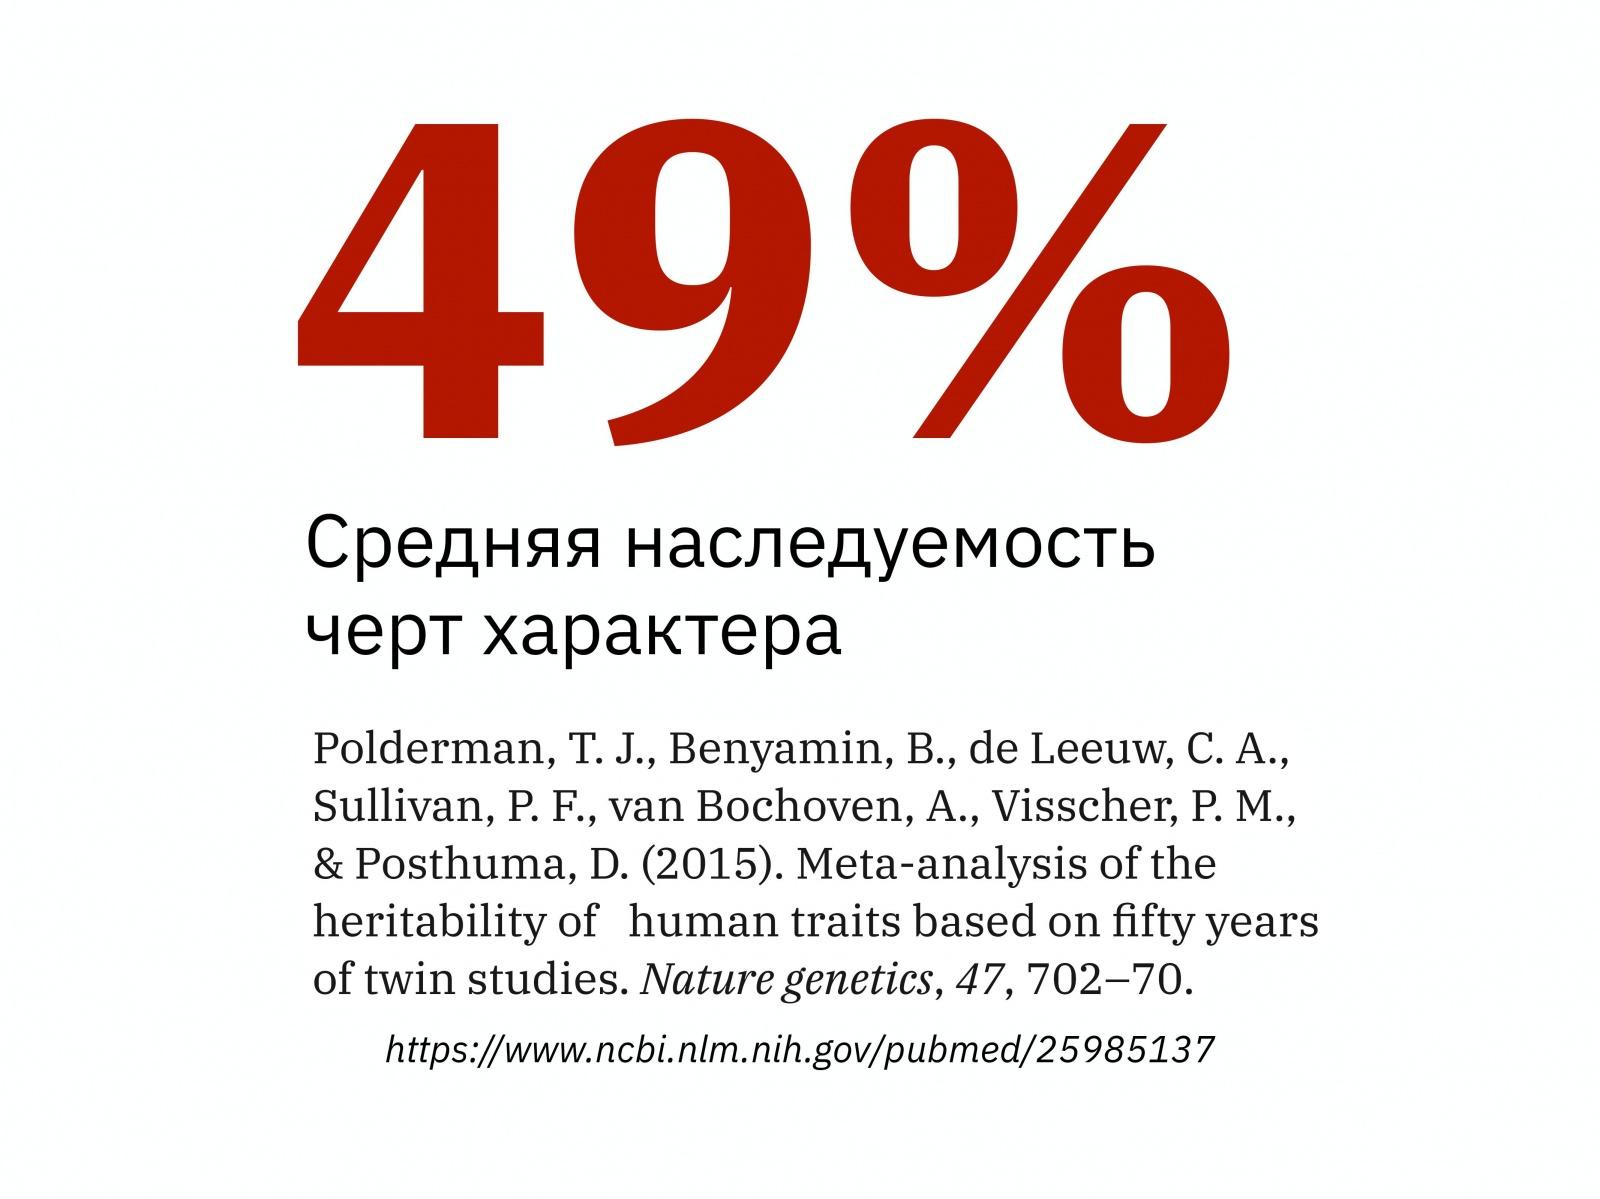 Алексей Каптерев: Критическое мышление 101 (часть 2) - 58